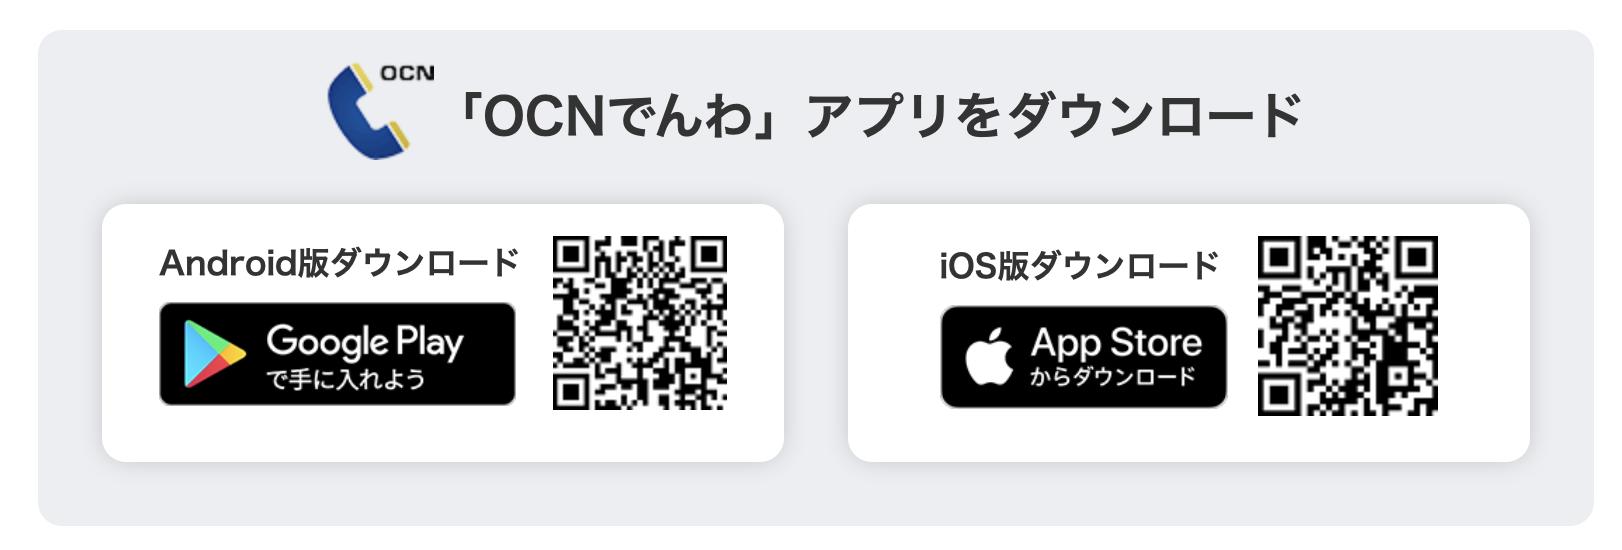 OCNでんわアプリ